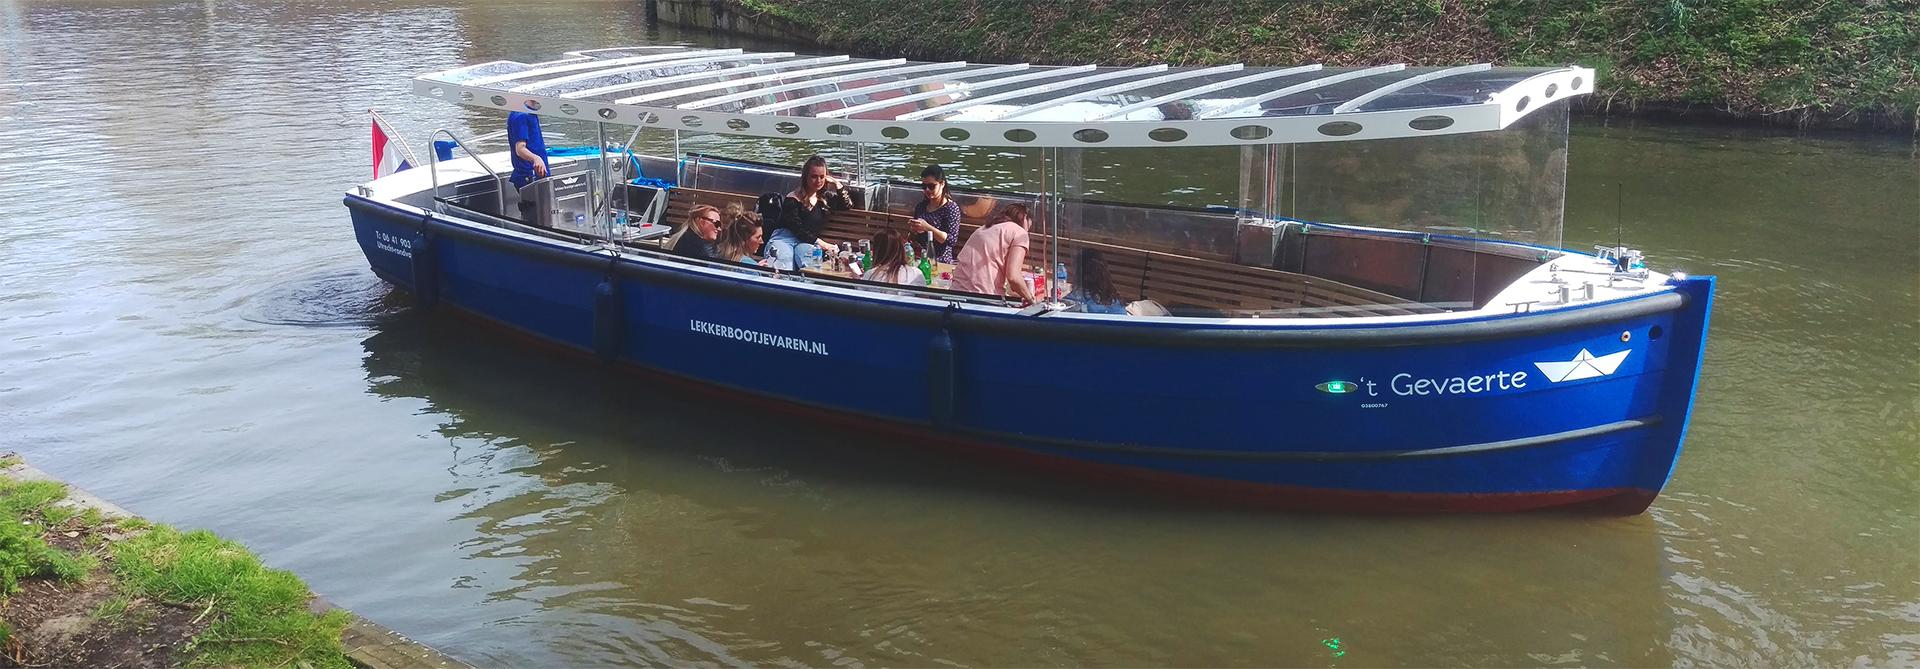 Bbq Boot Utrecht.Rondvaart Utrecht Rondvaart Met De Lekkerbootjevaren Nl